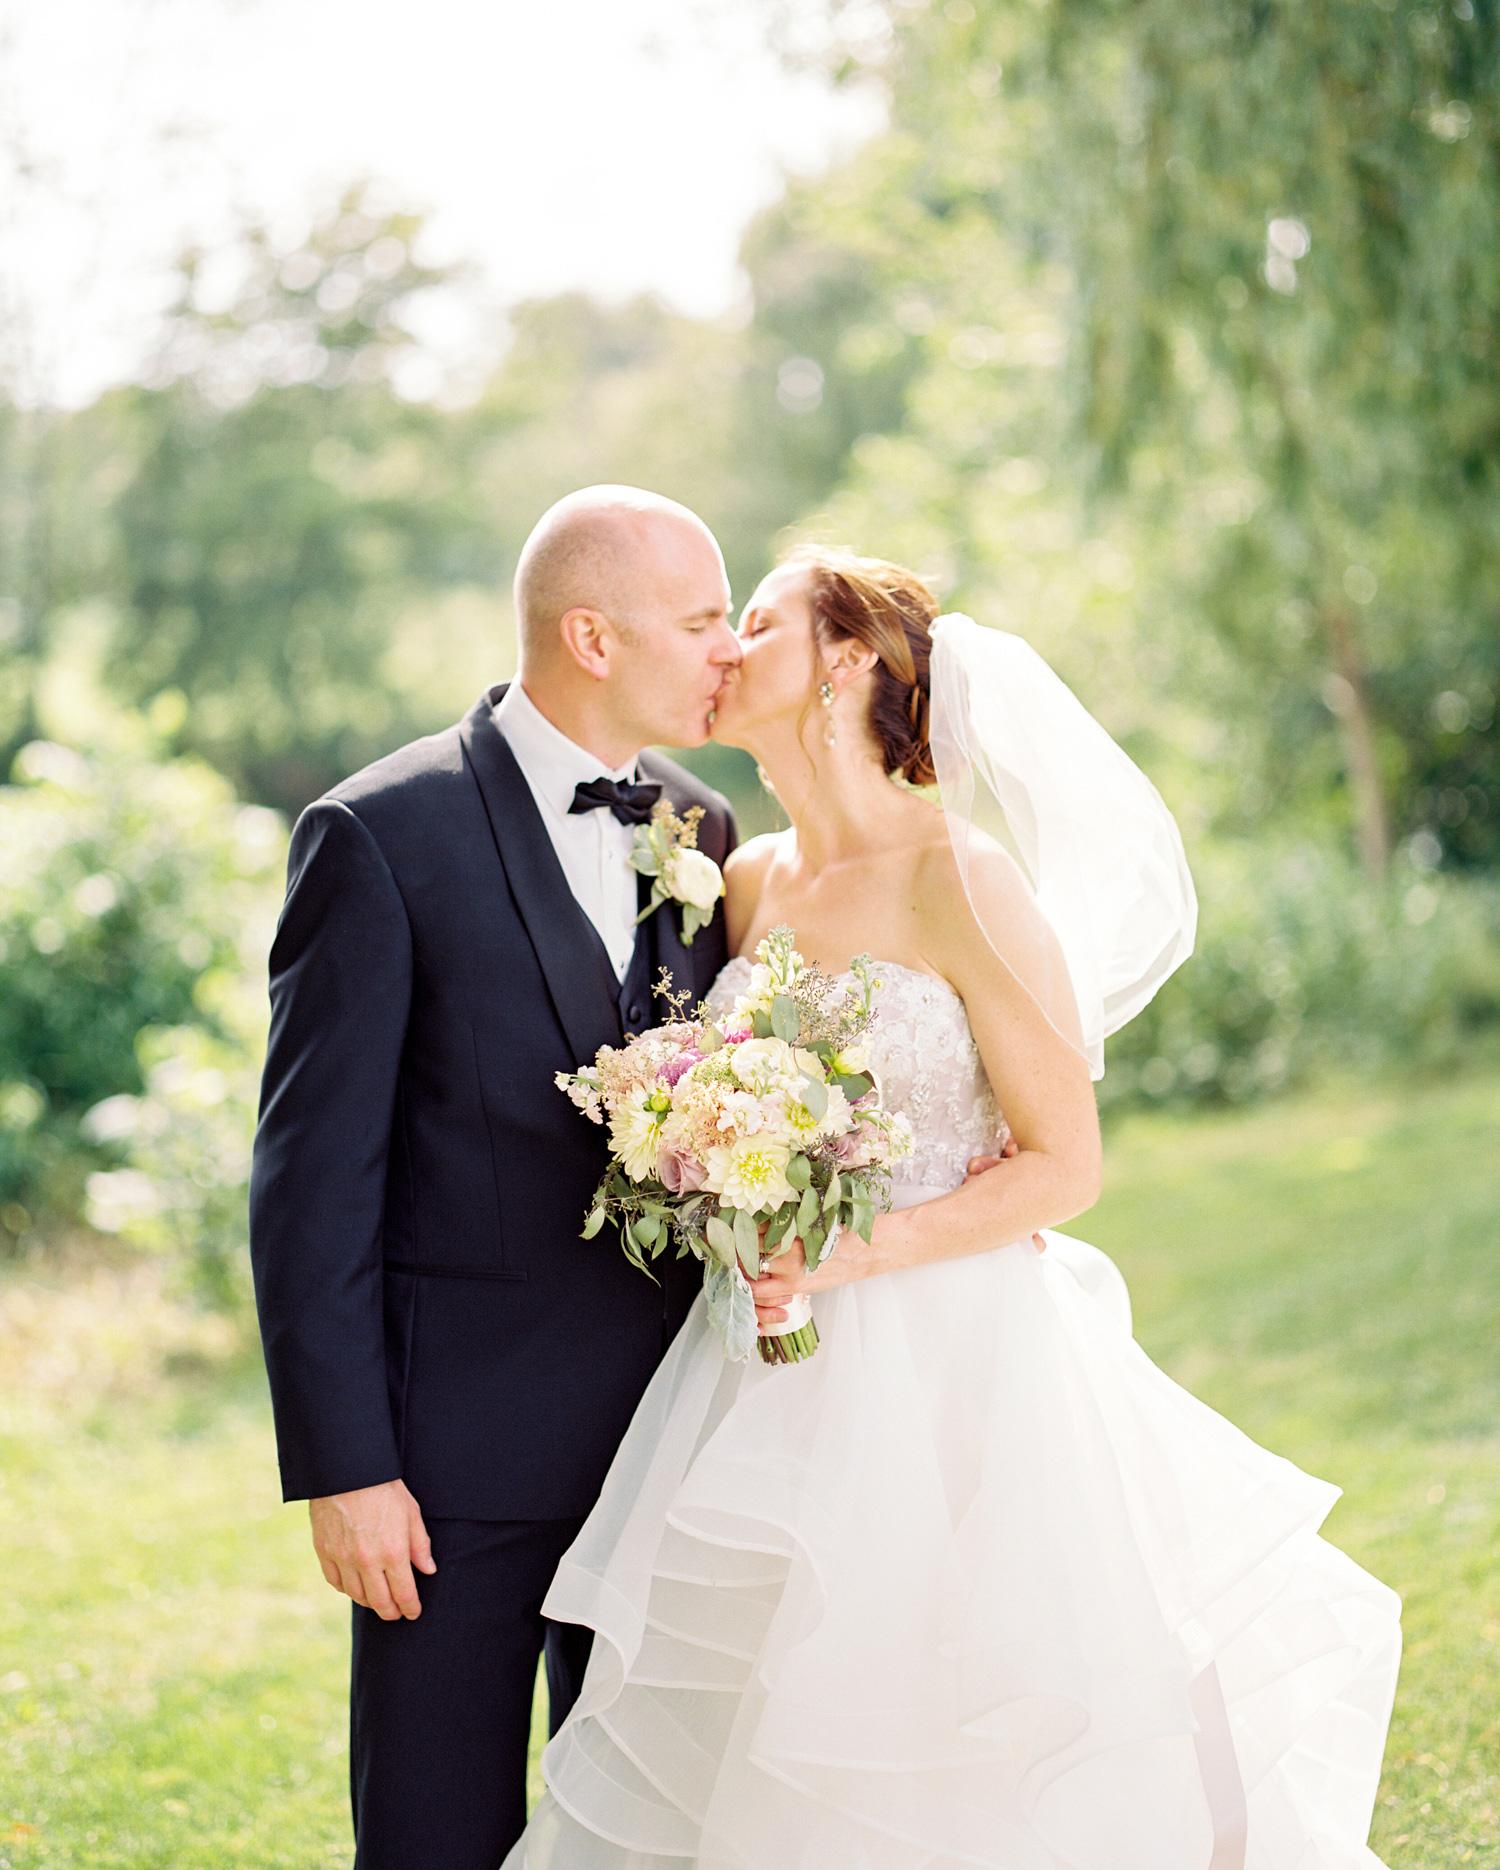 Niagara Wedding Photos | Jesse Jonas Photography | Bride & Groom Kiss